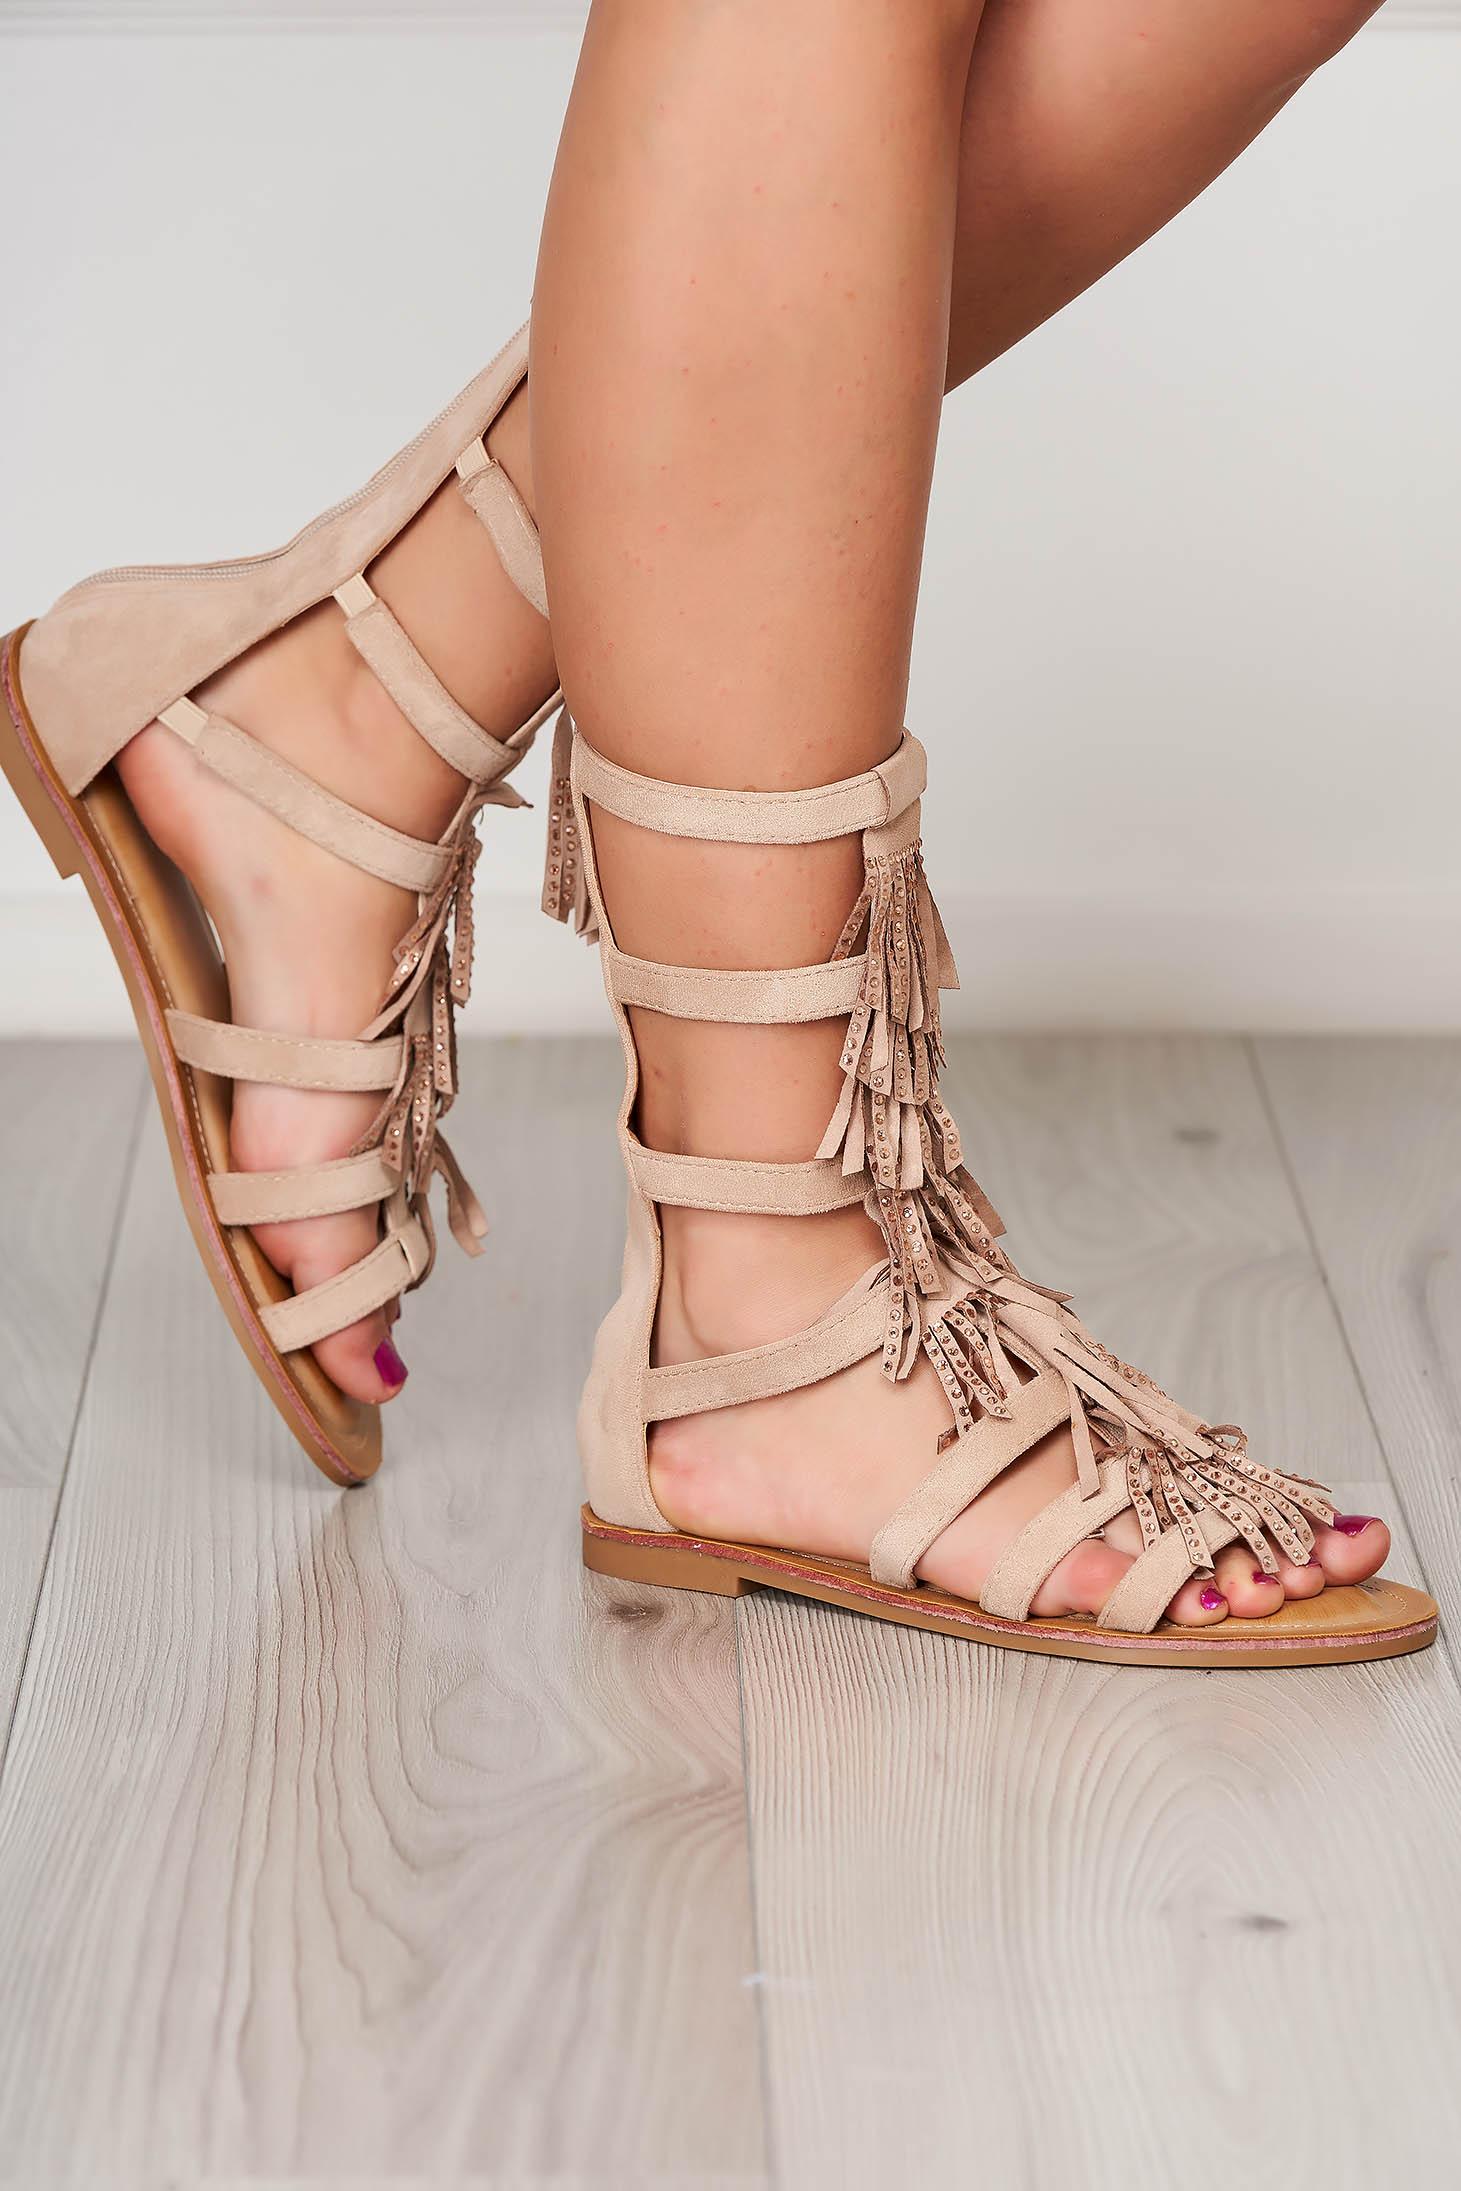 Sandale crem casual cu talpa joasa si ciucuri